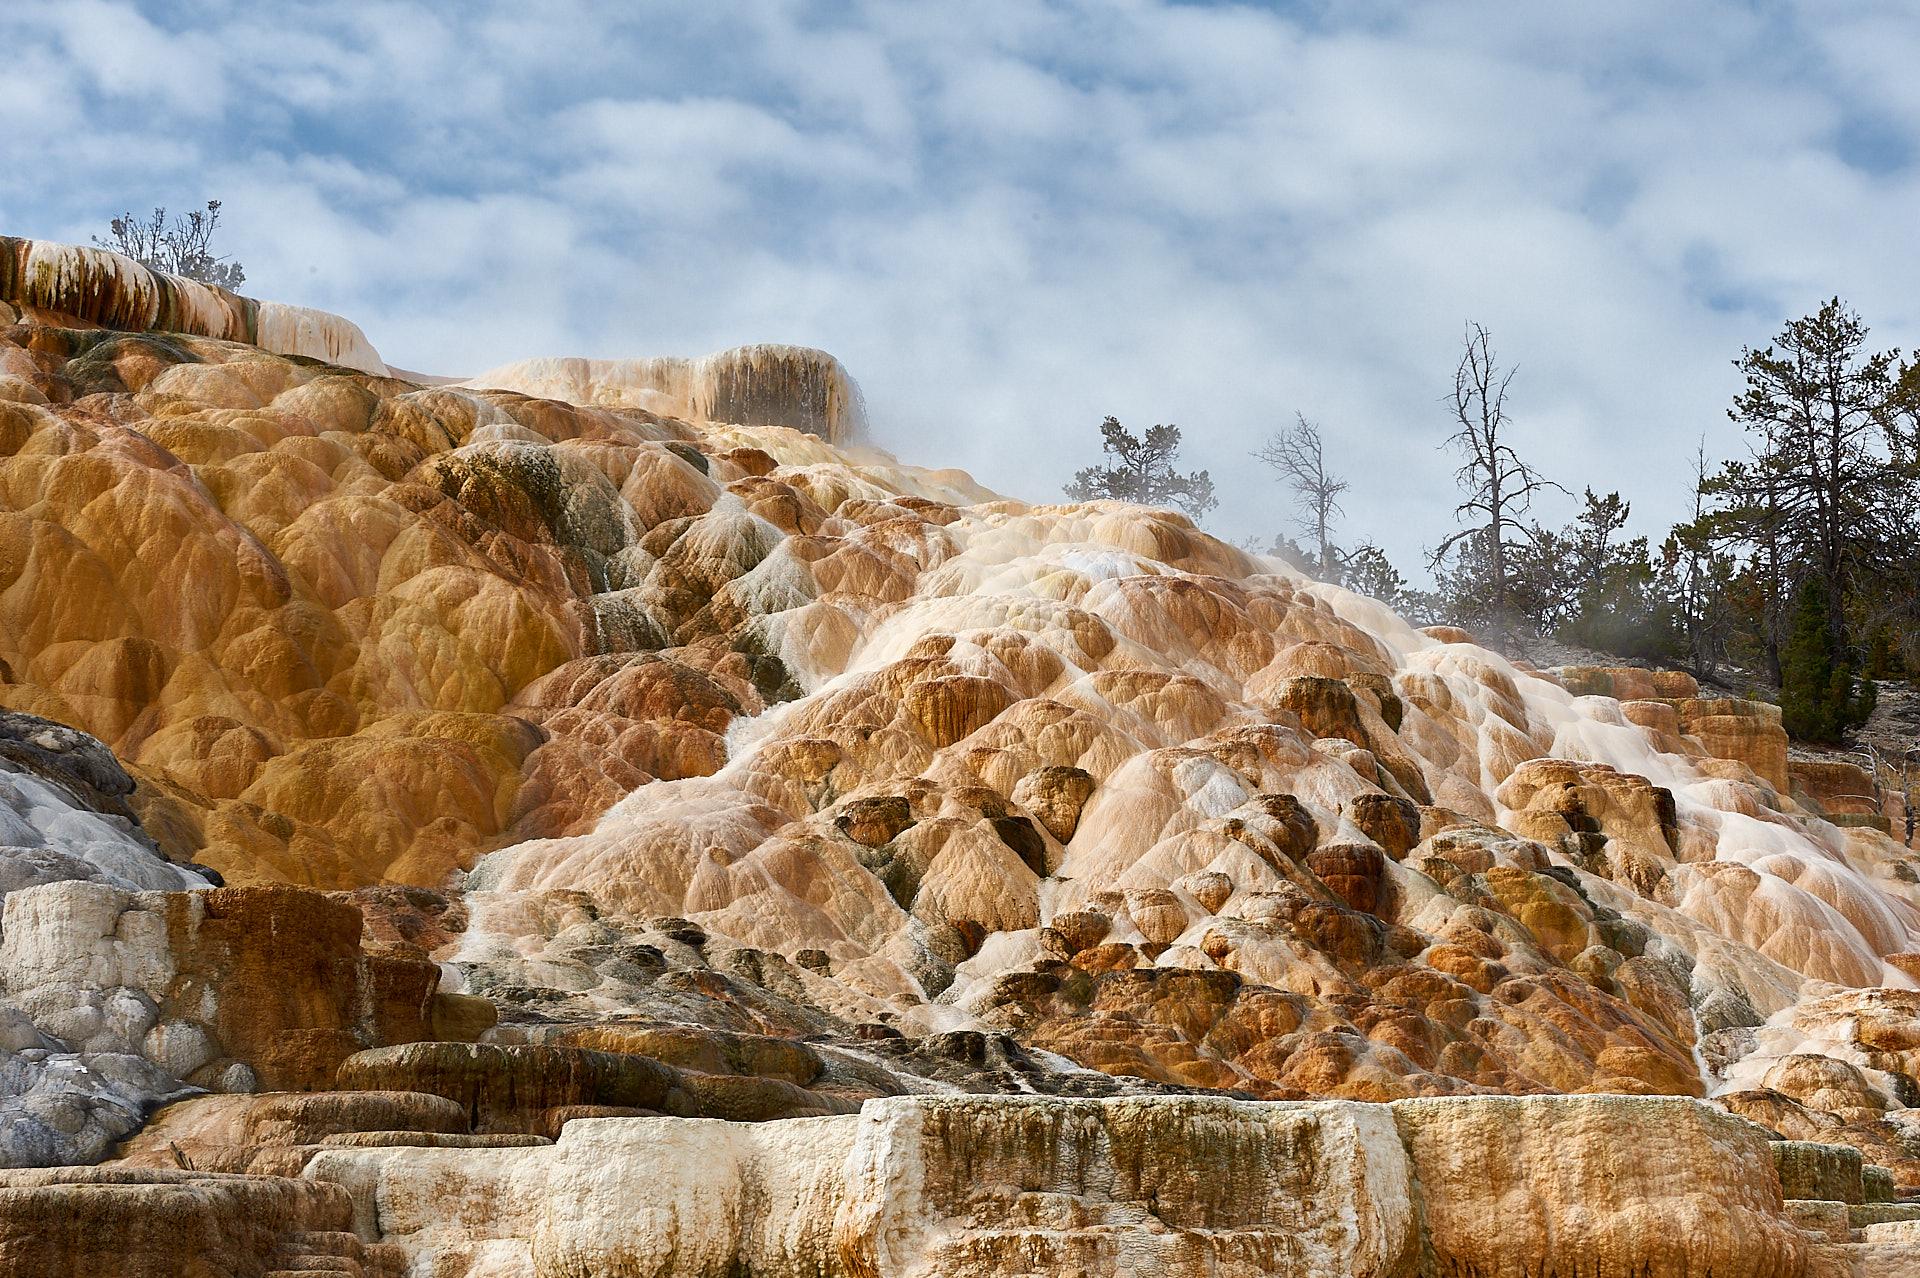 Die Palette Spring der Mammoth Hot Spring beeindruckt auf diesem Naturfoto durch ihre vielfältigen Farbschattierungen.Kamera: NIKON D3X Brennweite: 70mm 1/160 s bei Blende f/16.0